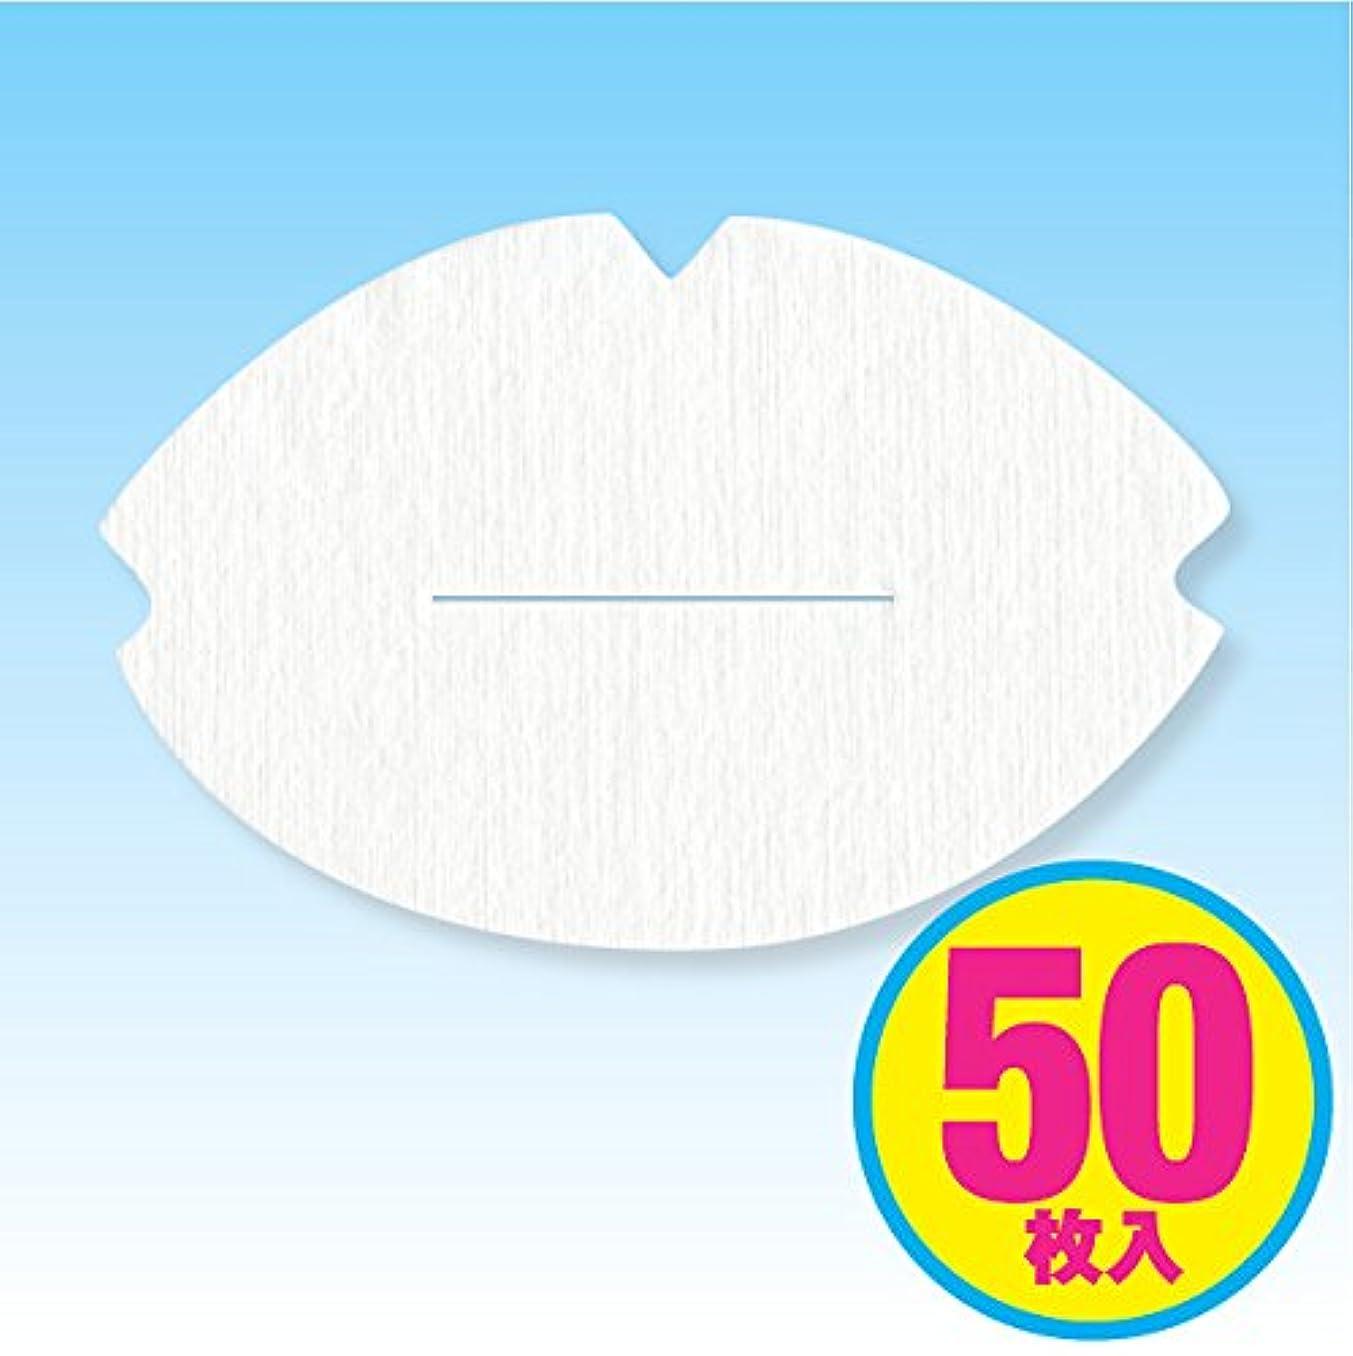 スピン受粉者ヤギ業務用【リップ?シート】50枚入/お気に入りの化粧水?美容液でローションパックを!